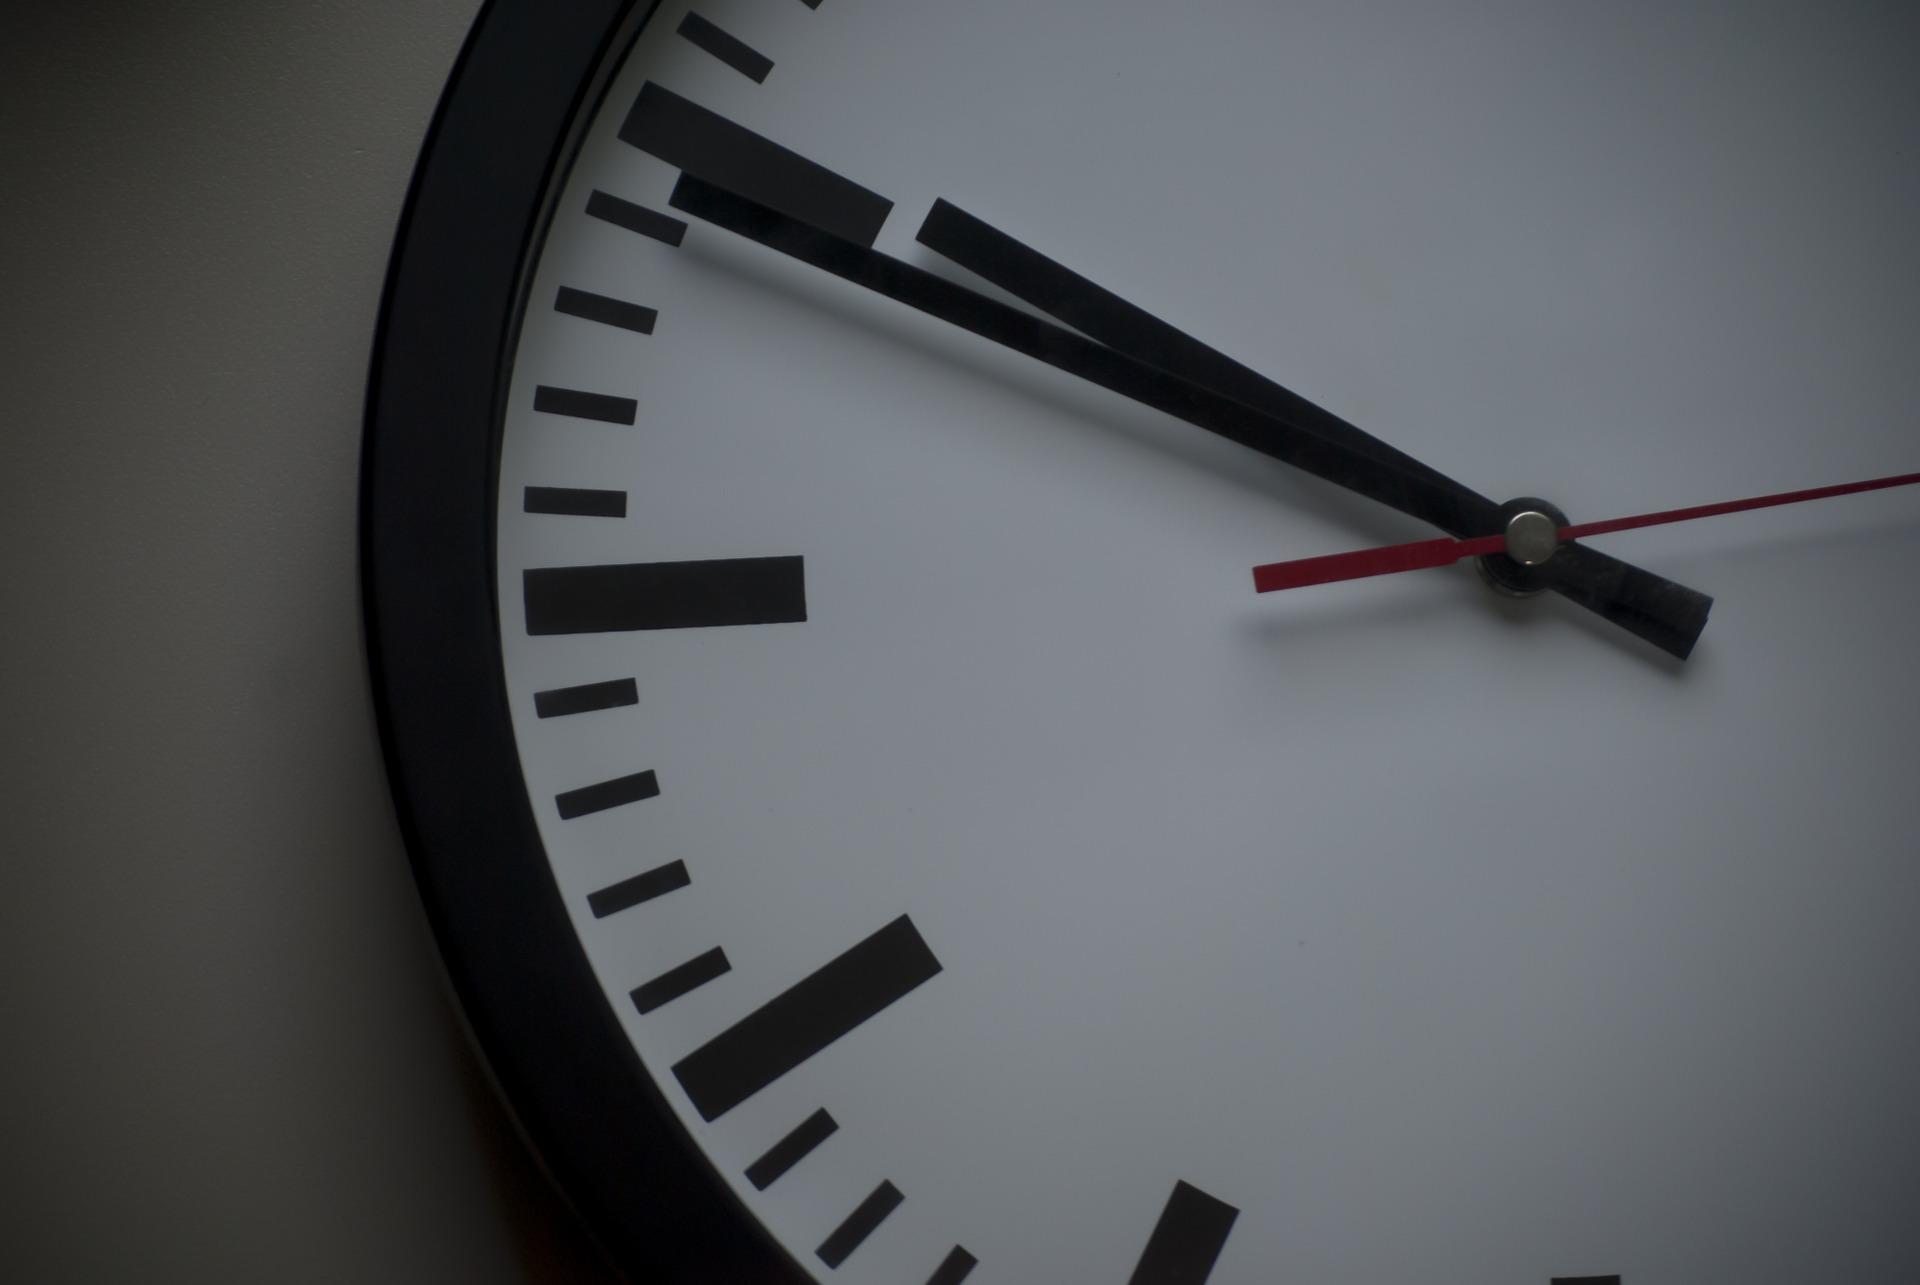 orologio-tempo-clock-897711_1920